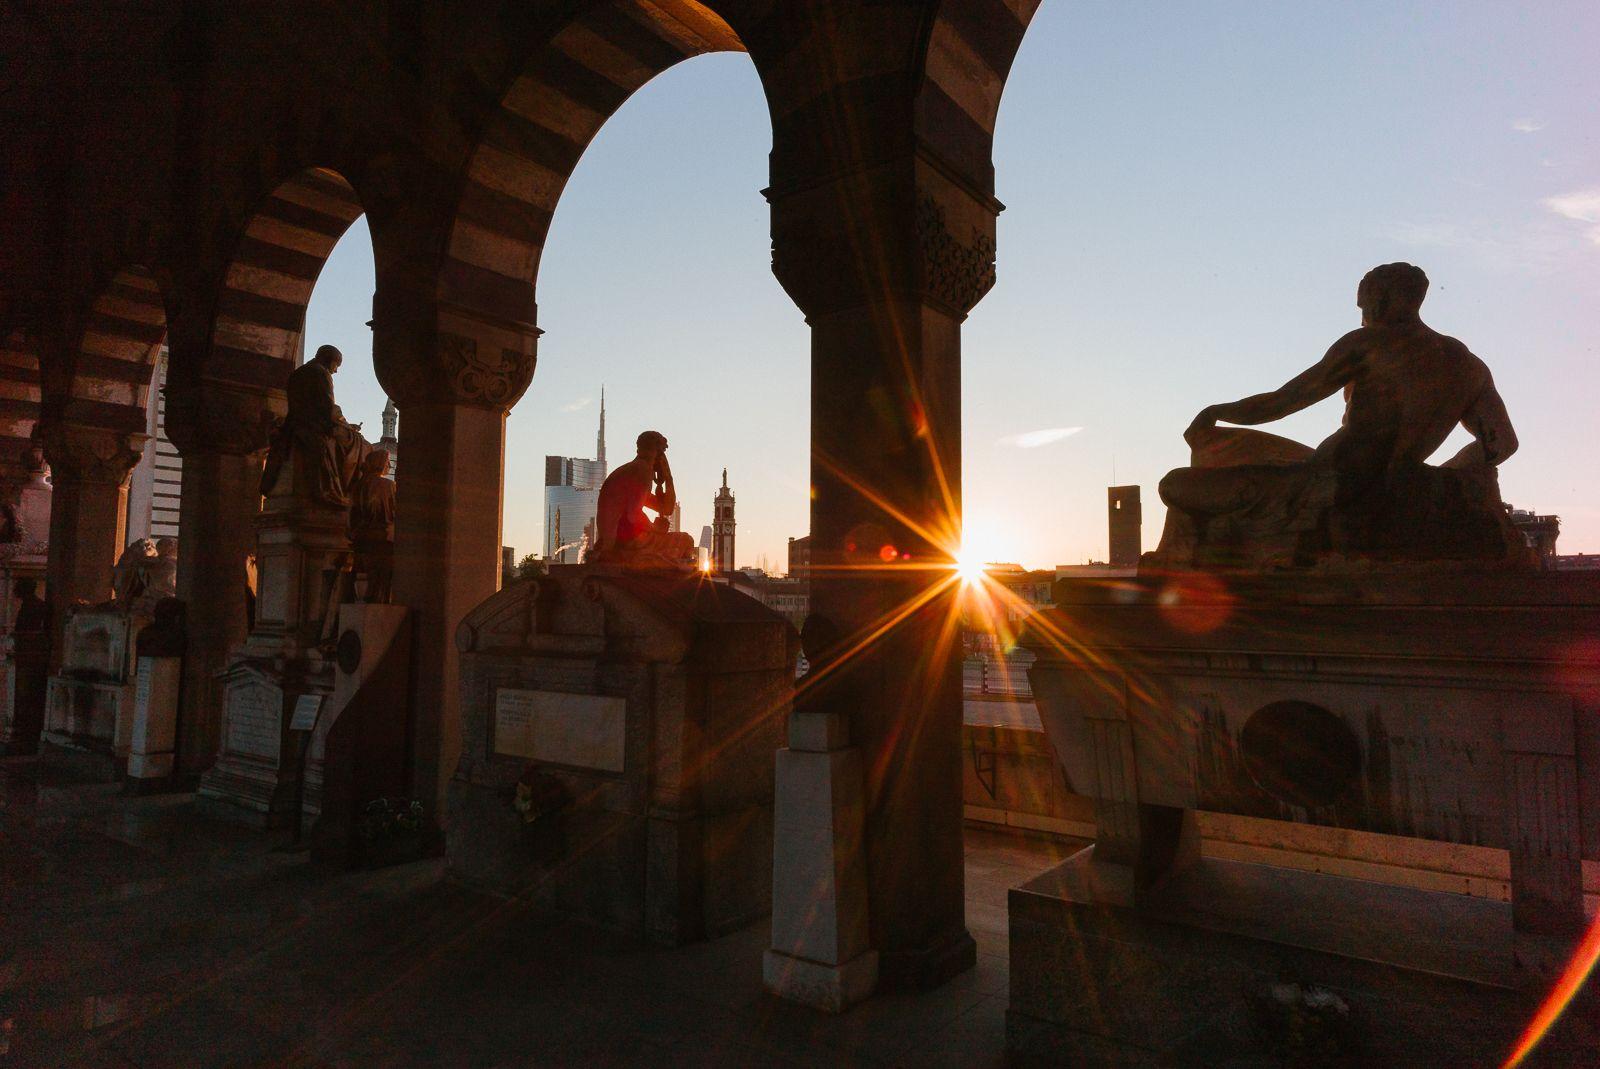 cimitero-monumentale-milano-sculture-foto-pochestorie.jpg